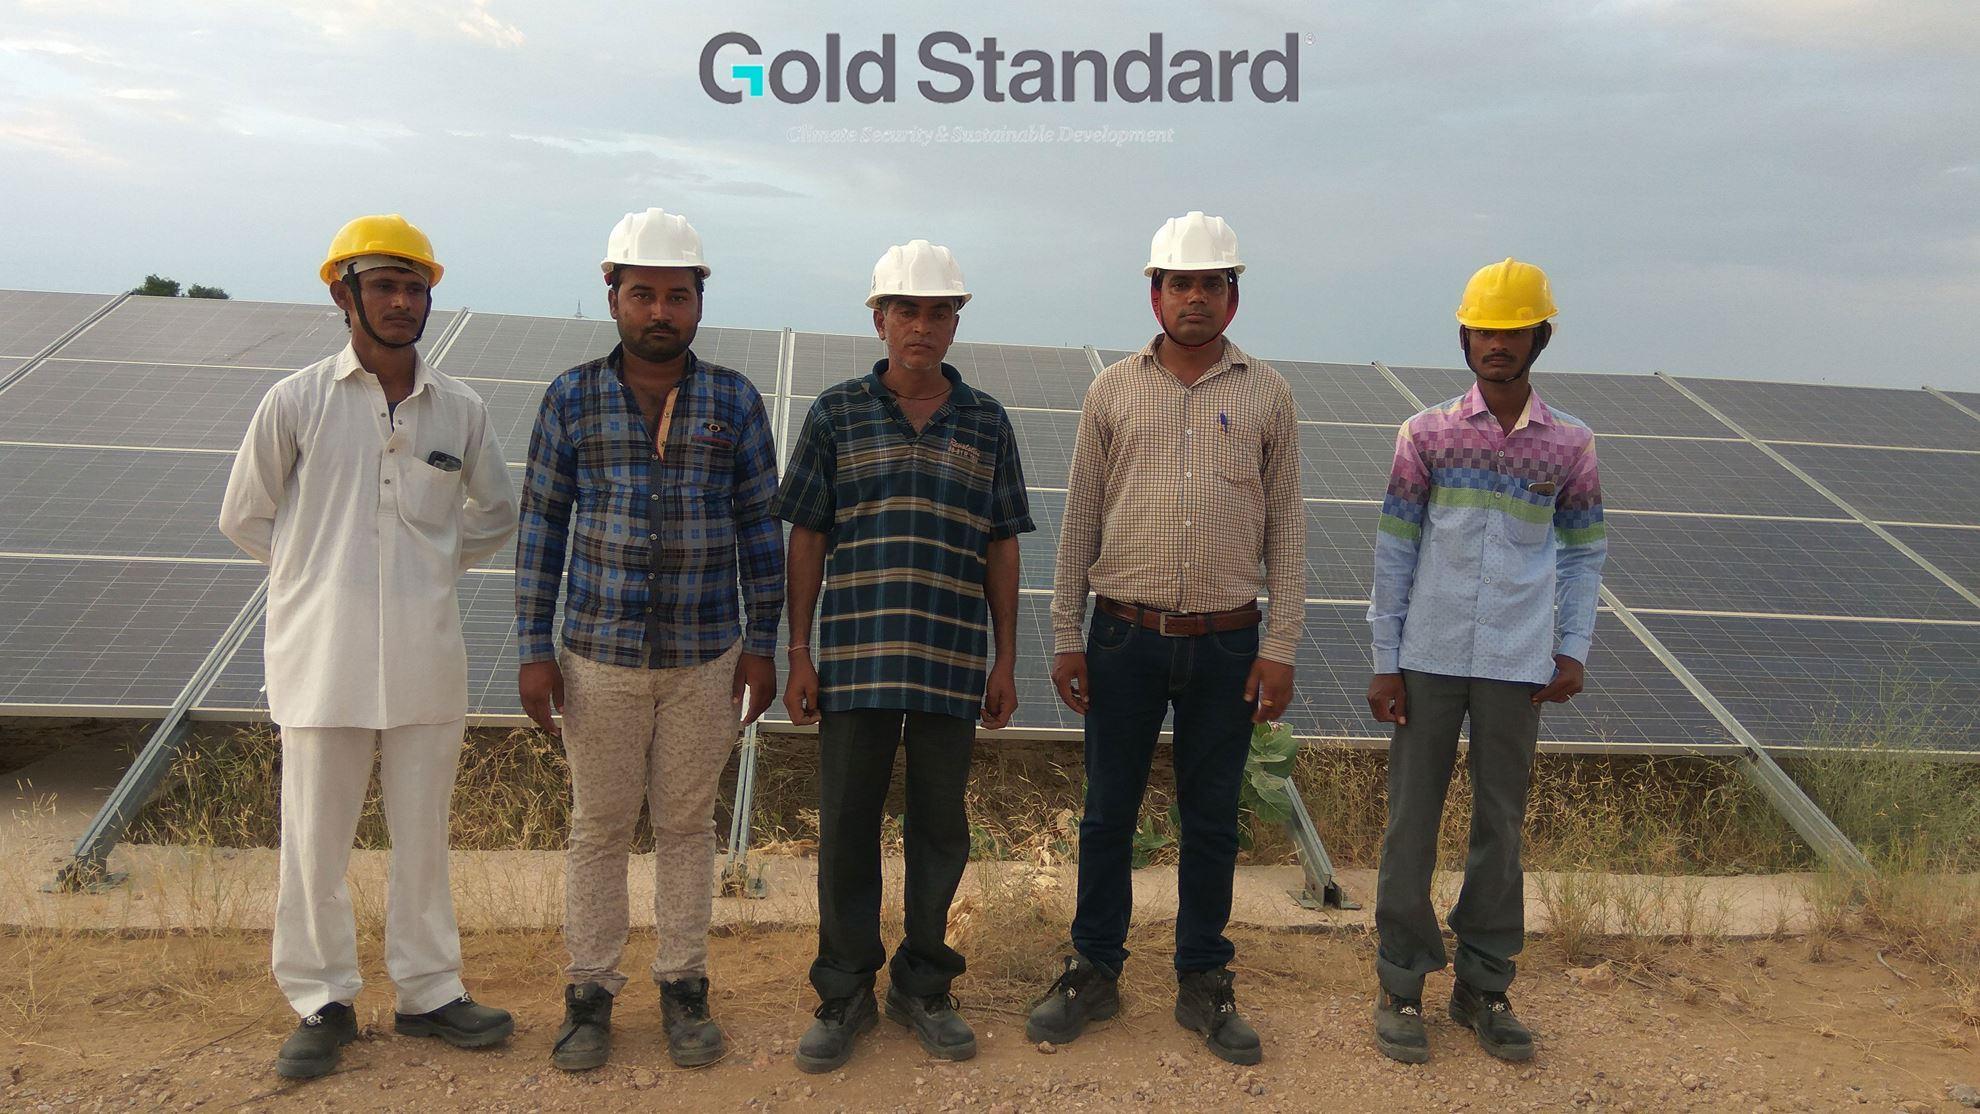 Imagen de Reducción de GEI mediante la generación de energía solar en Jaisalmer, Rajastán, India